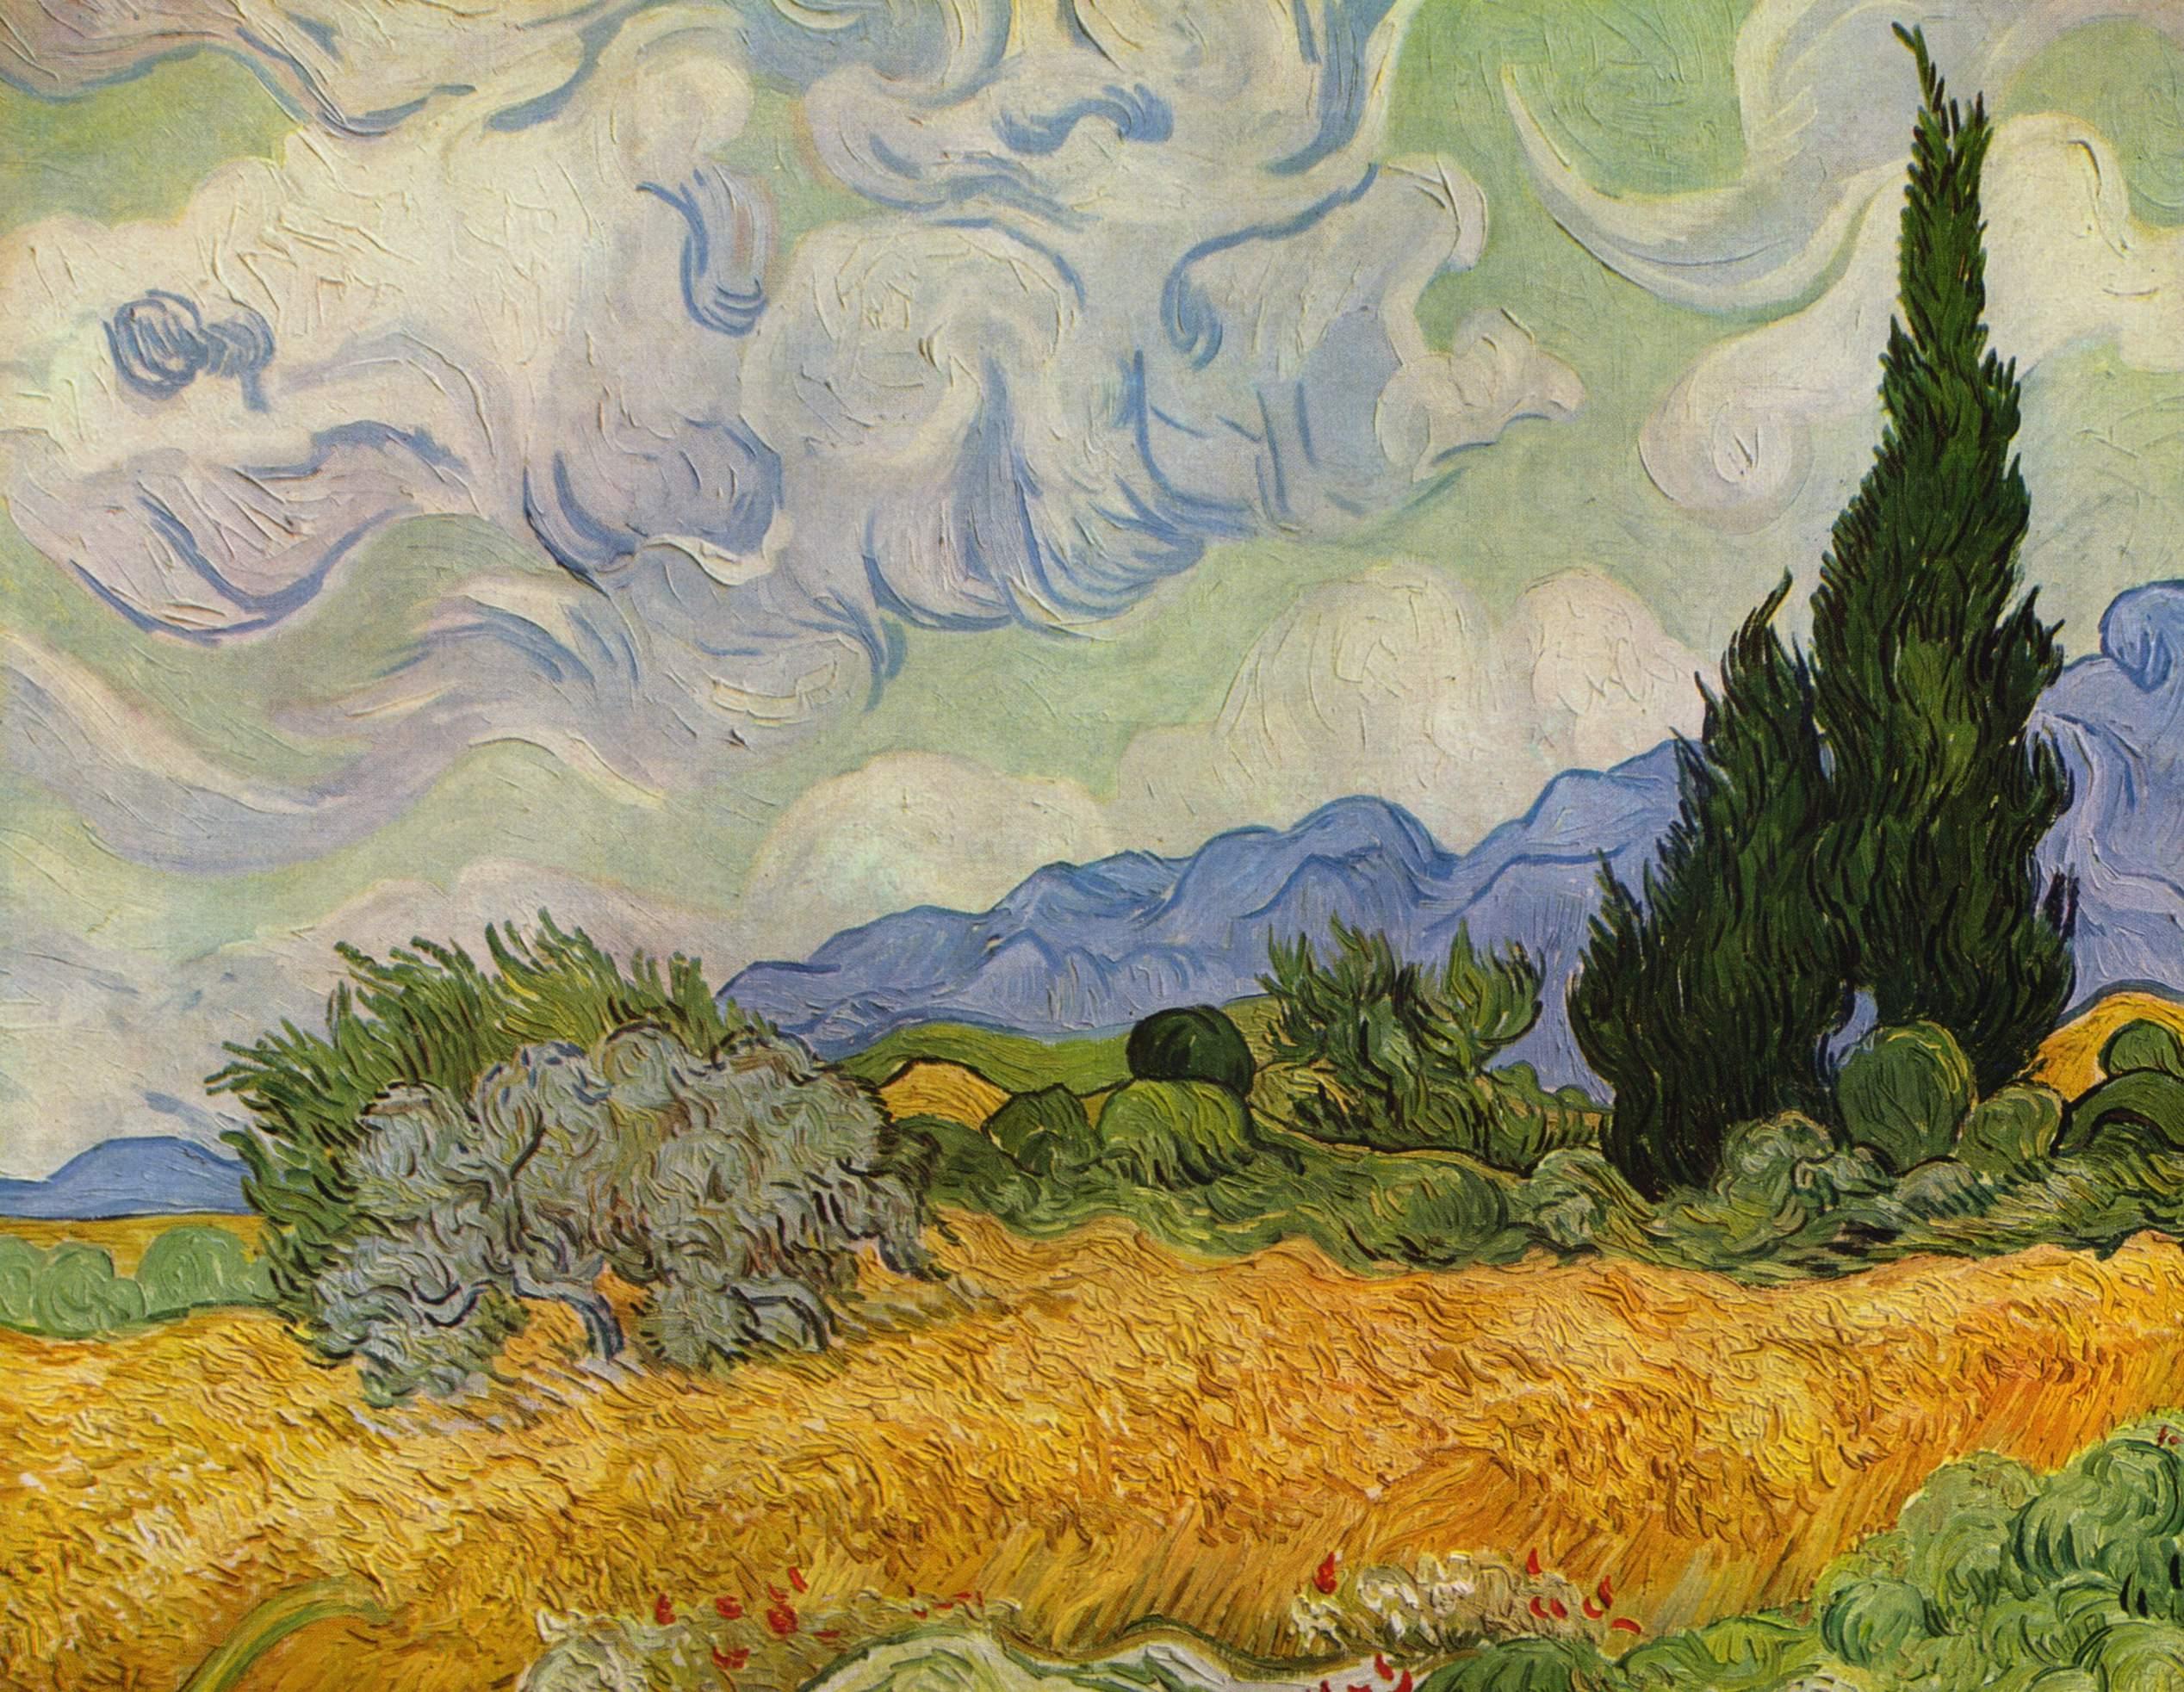 Landschaftsmalerei impressionismus  Post-Impressionismus – Wikipedia